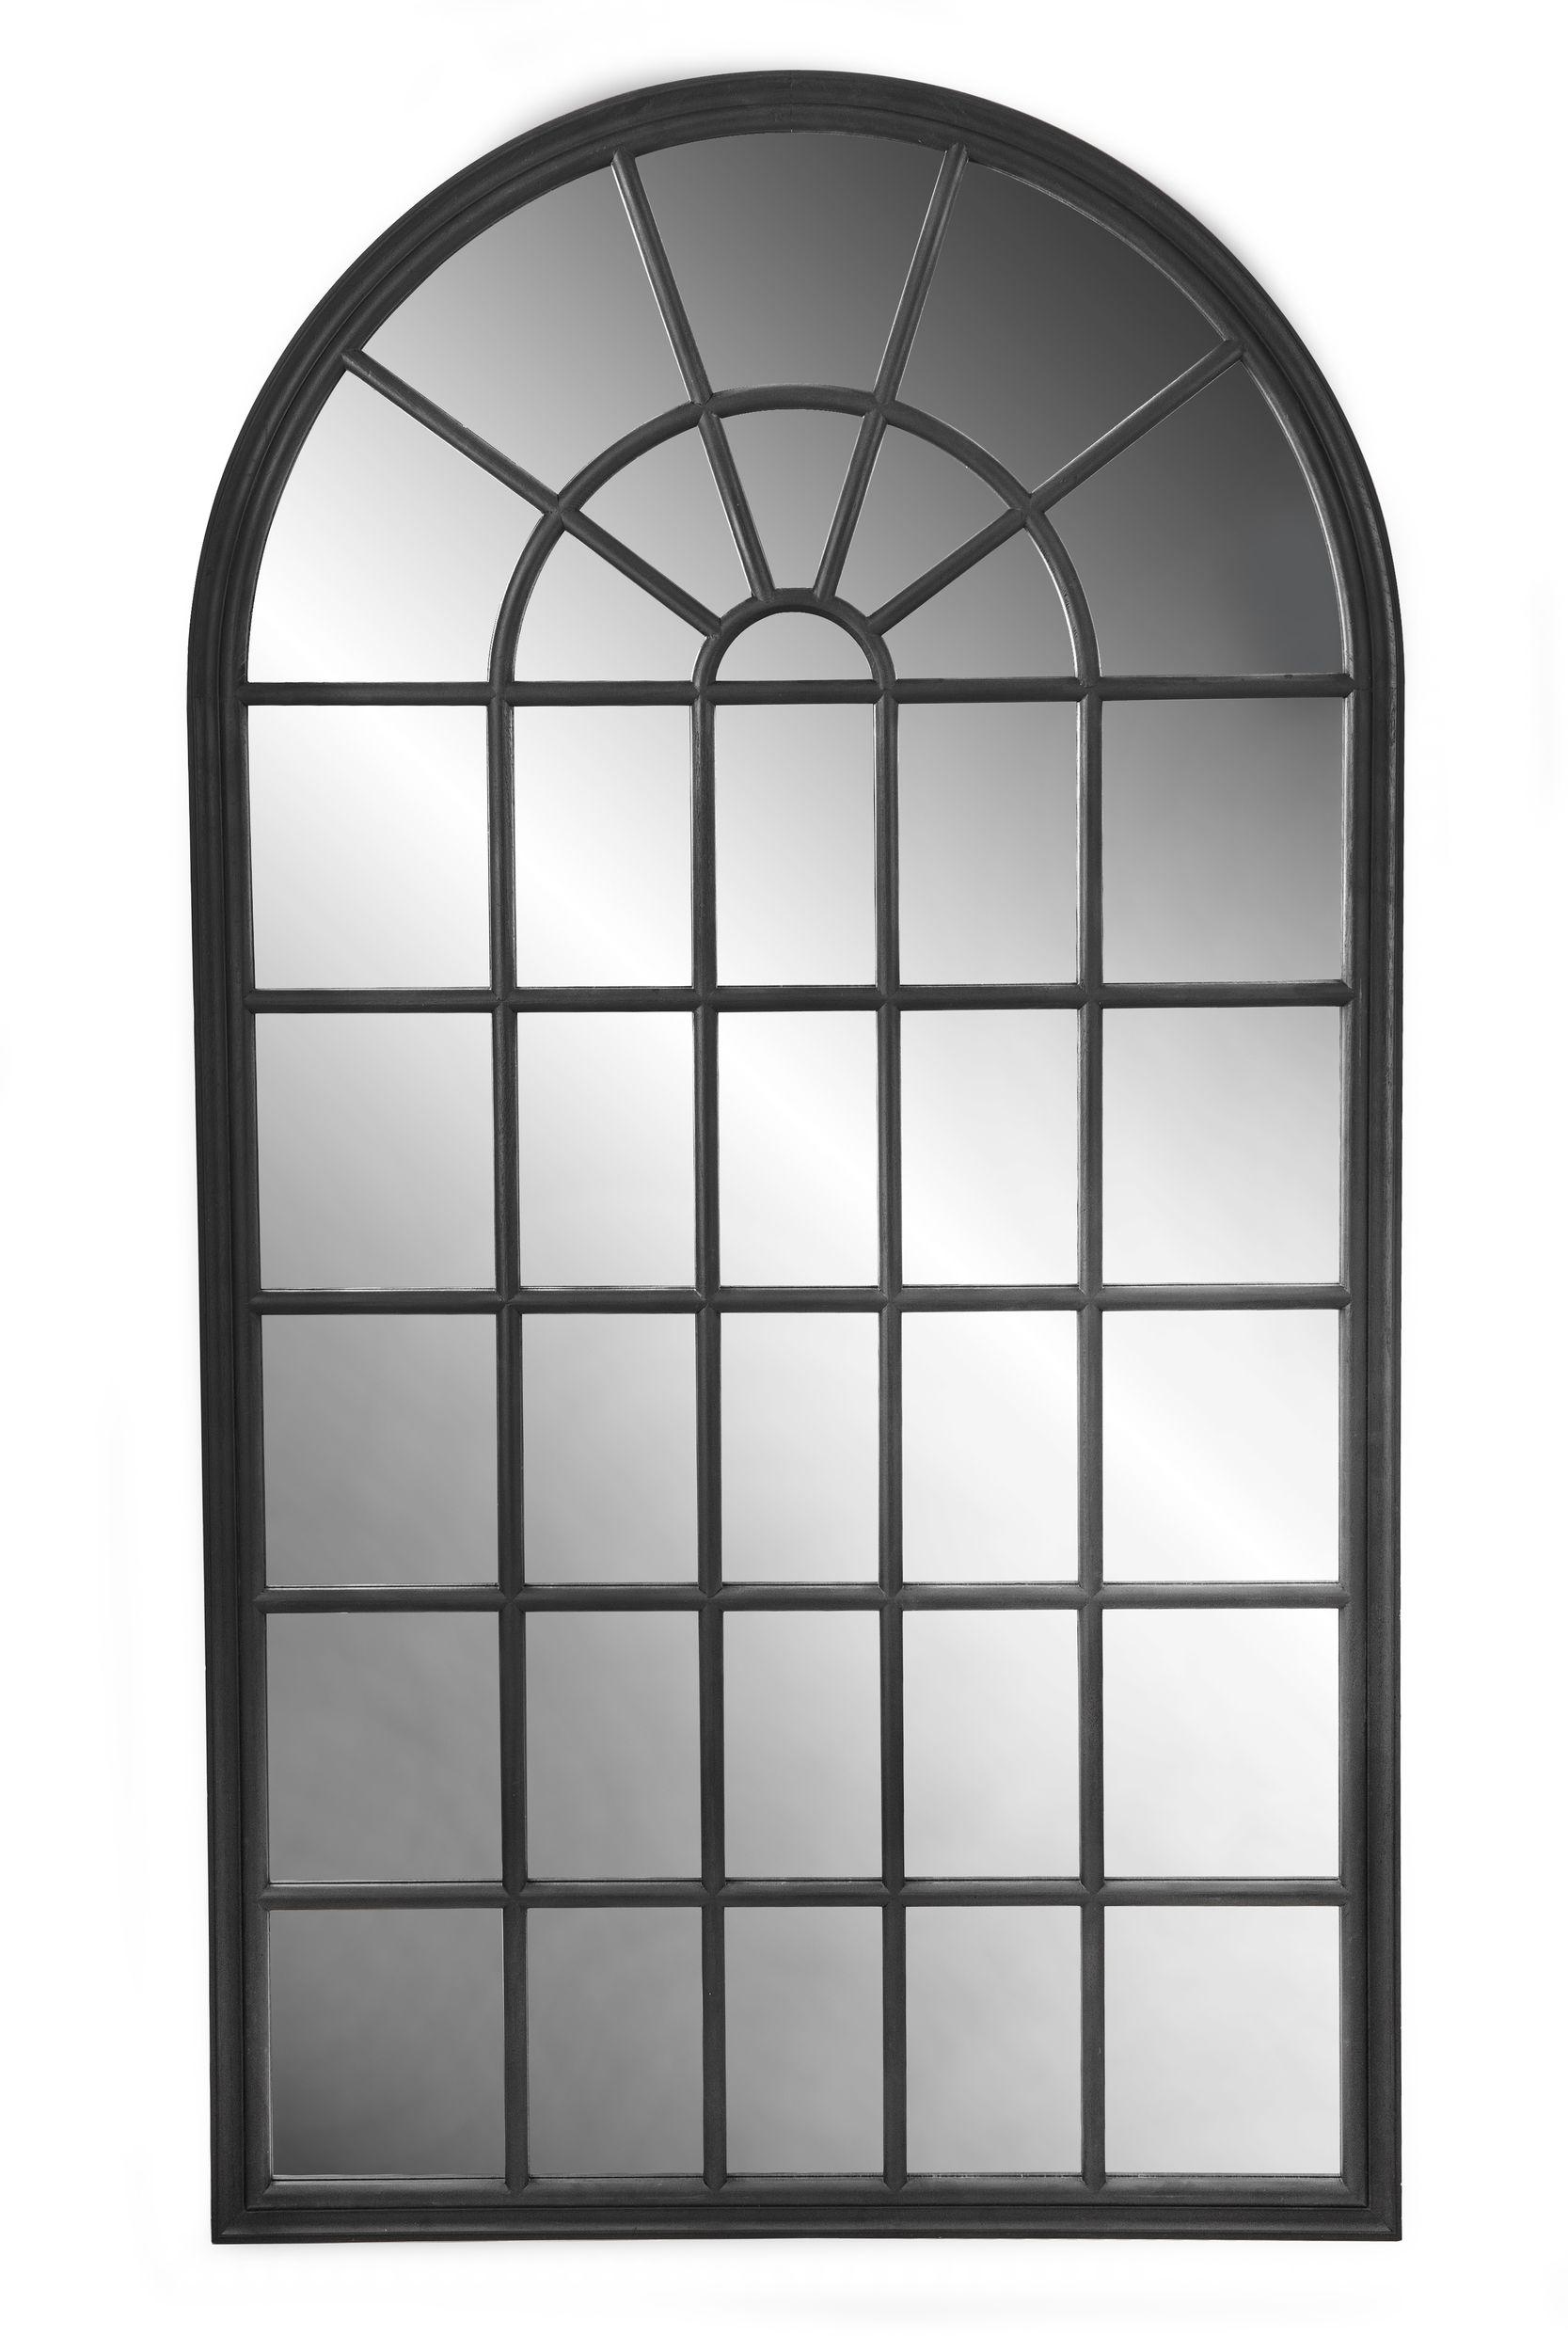 Rahmenspiegel 100x180cm YUNA